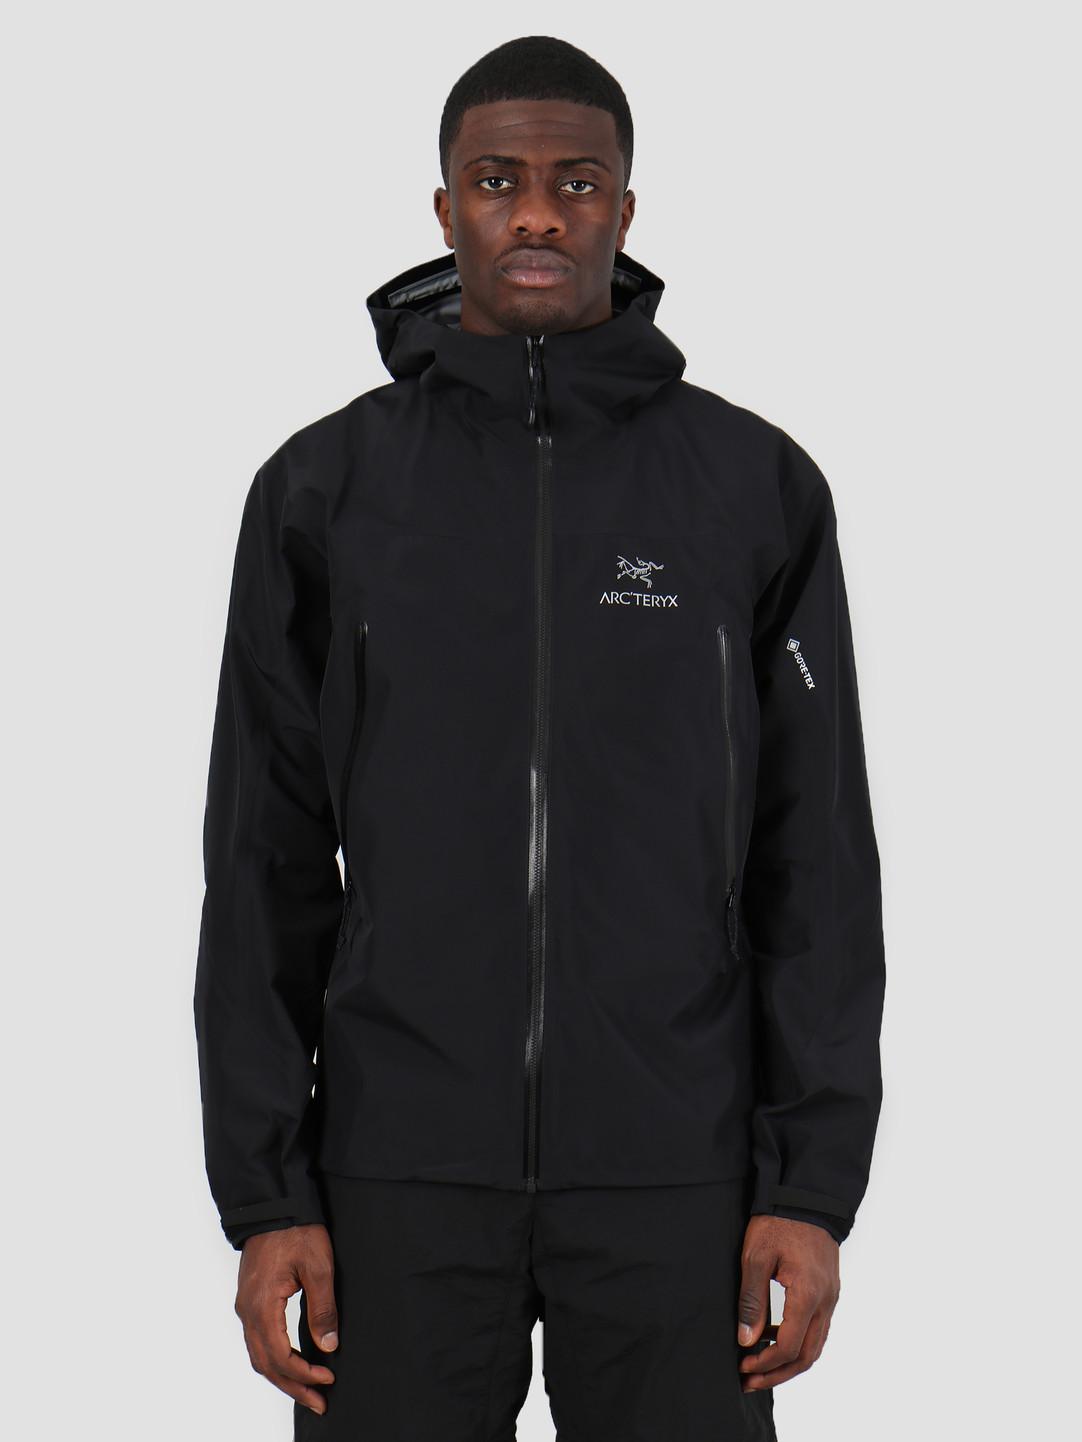 Arc'teryx Arc'teryx Zeta LT Jacket Black 16287